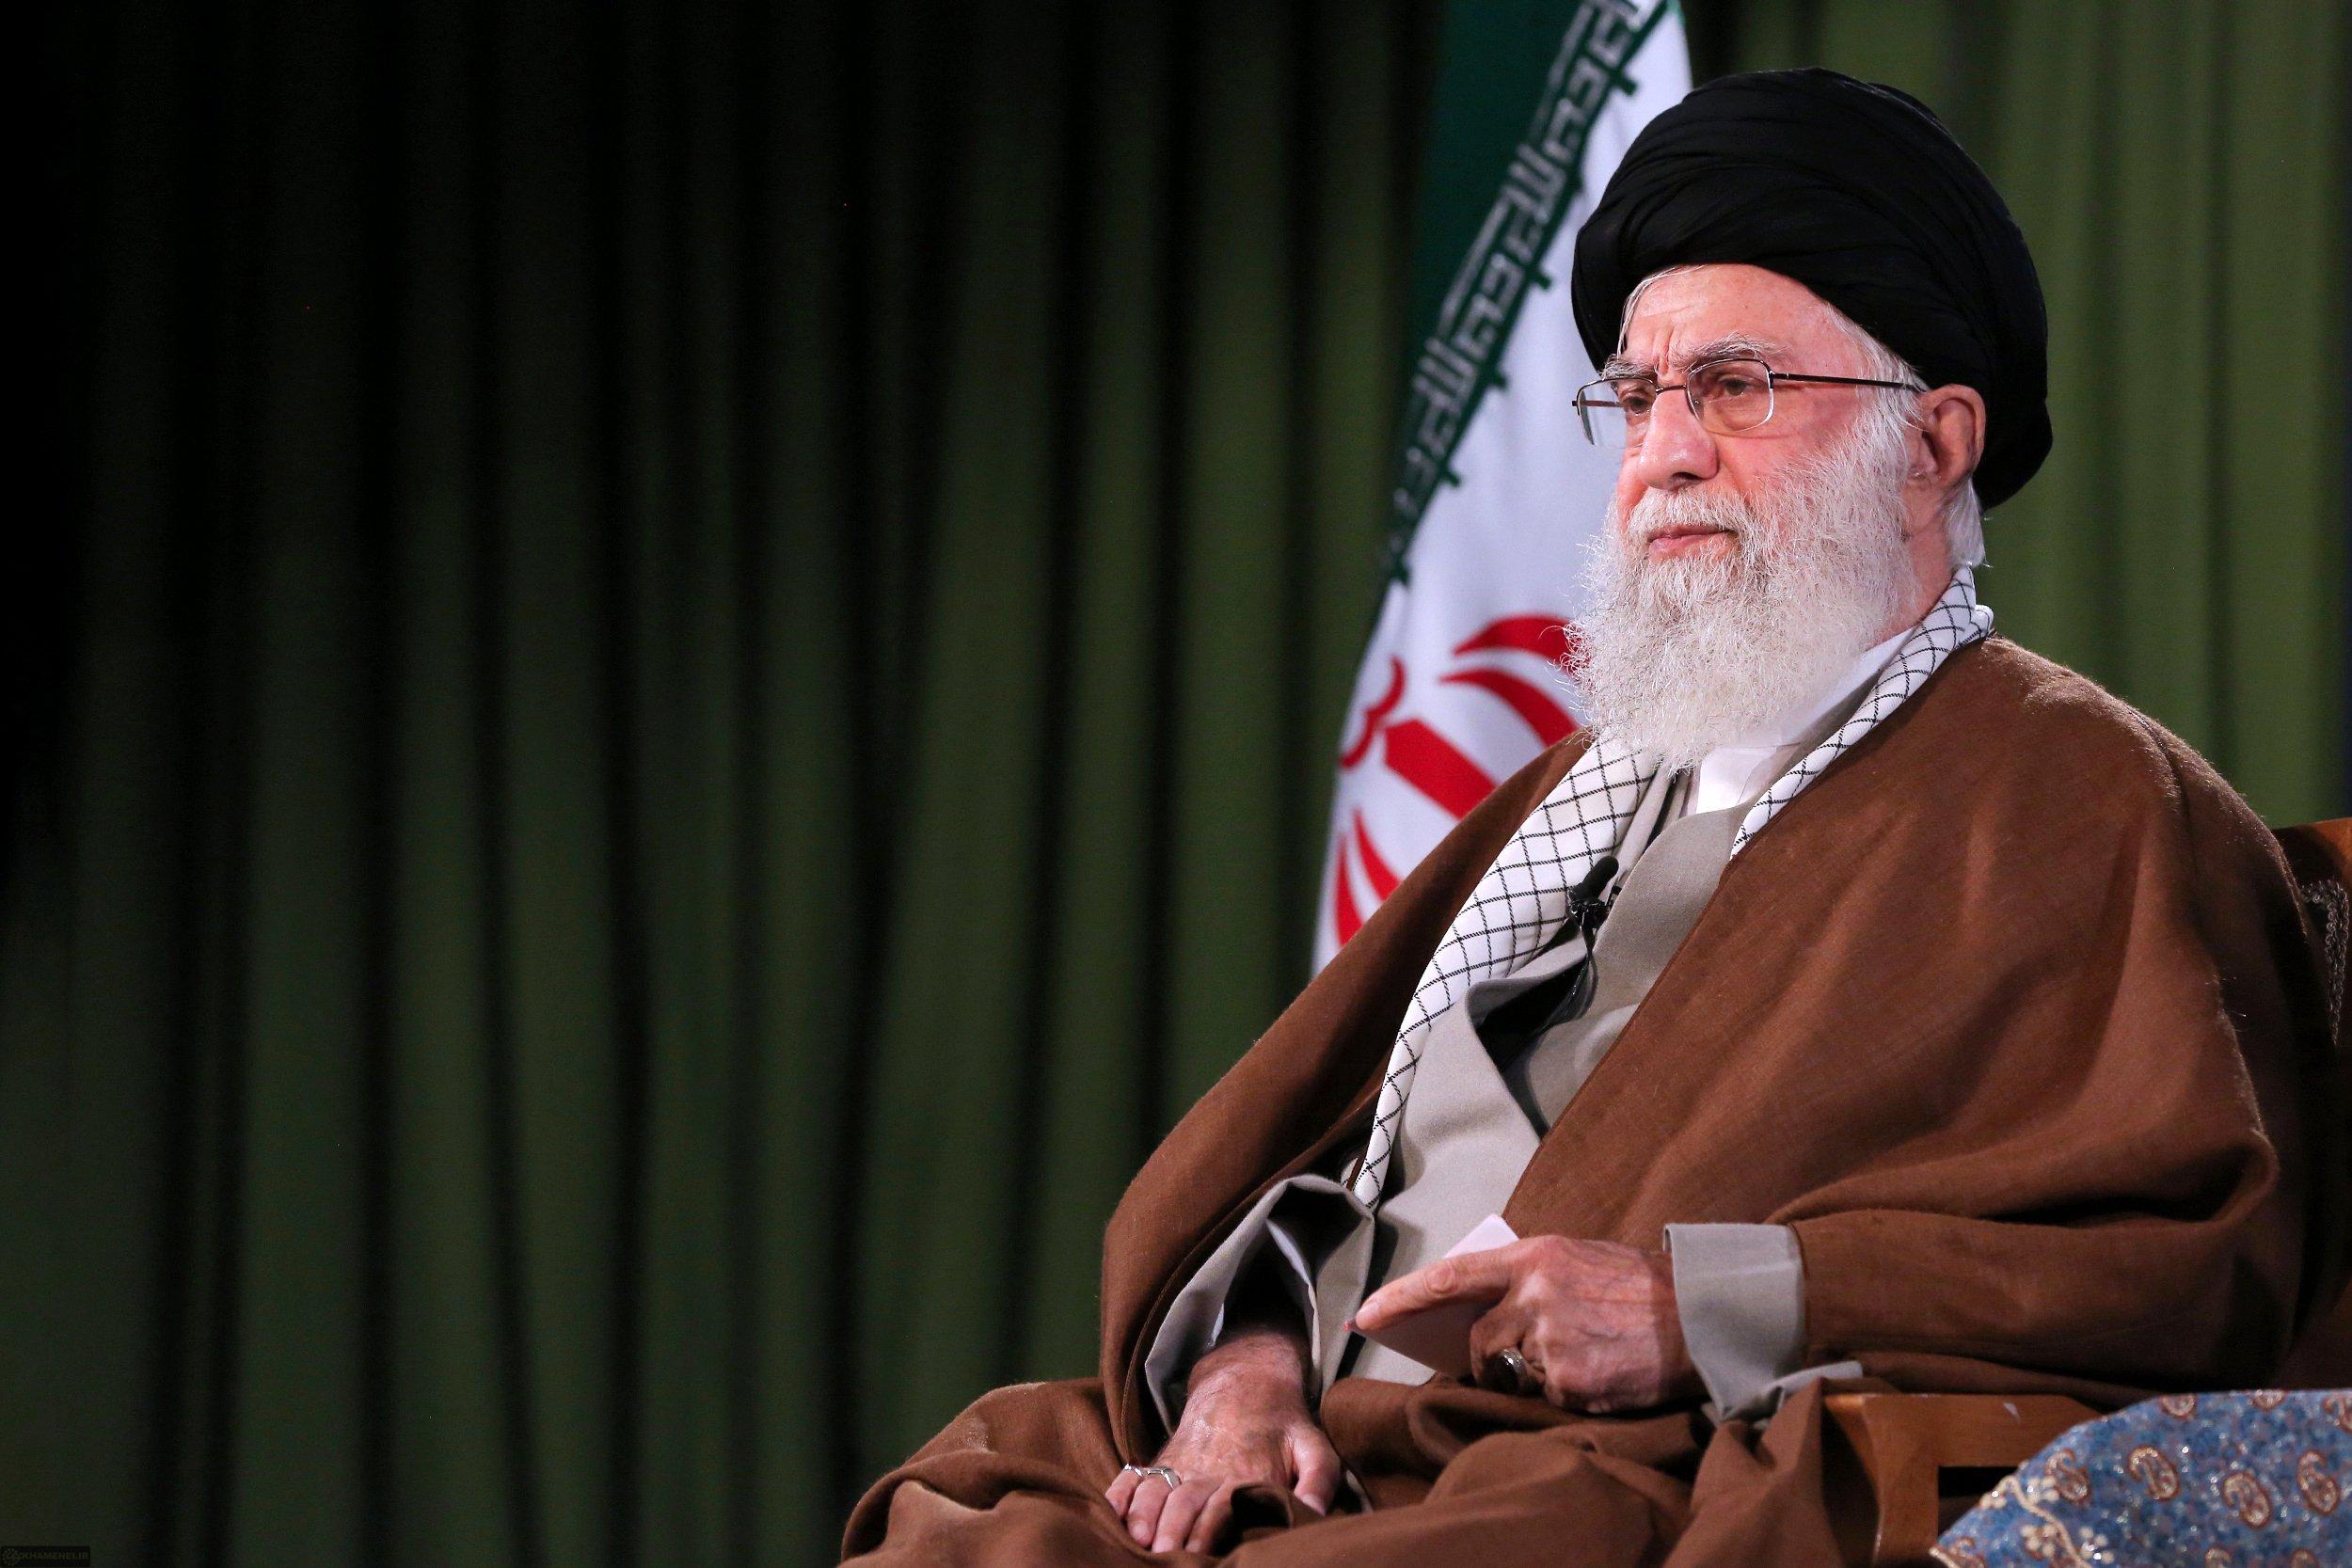 В годовщину смерти Имама Хомейни Верховный лидер Исламской революции выступит в прямом эфире